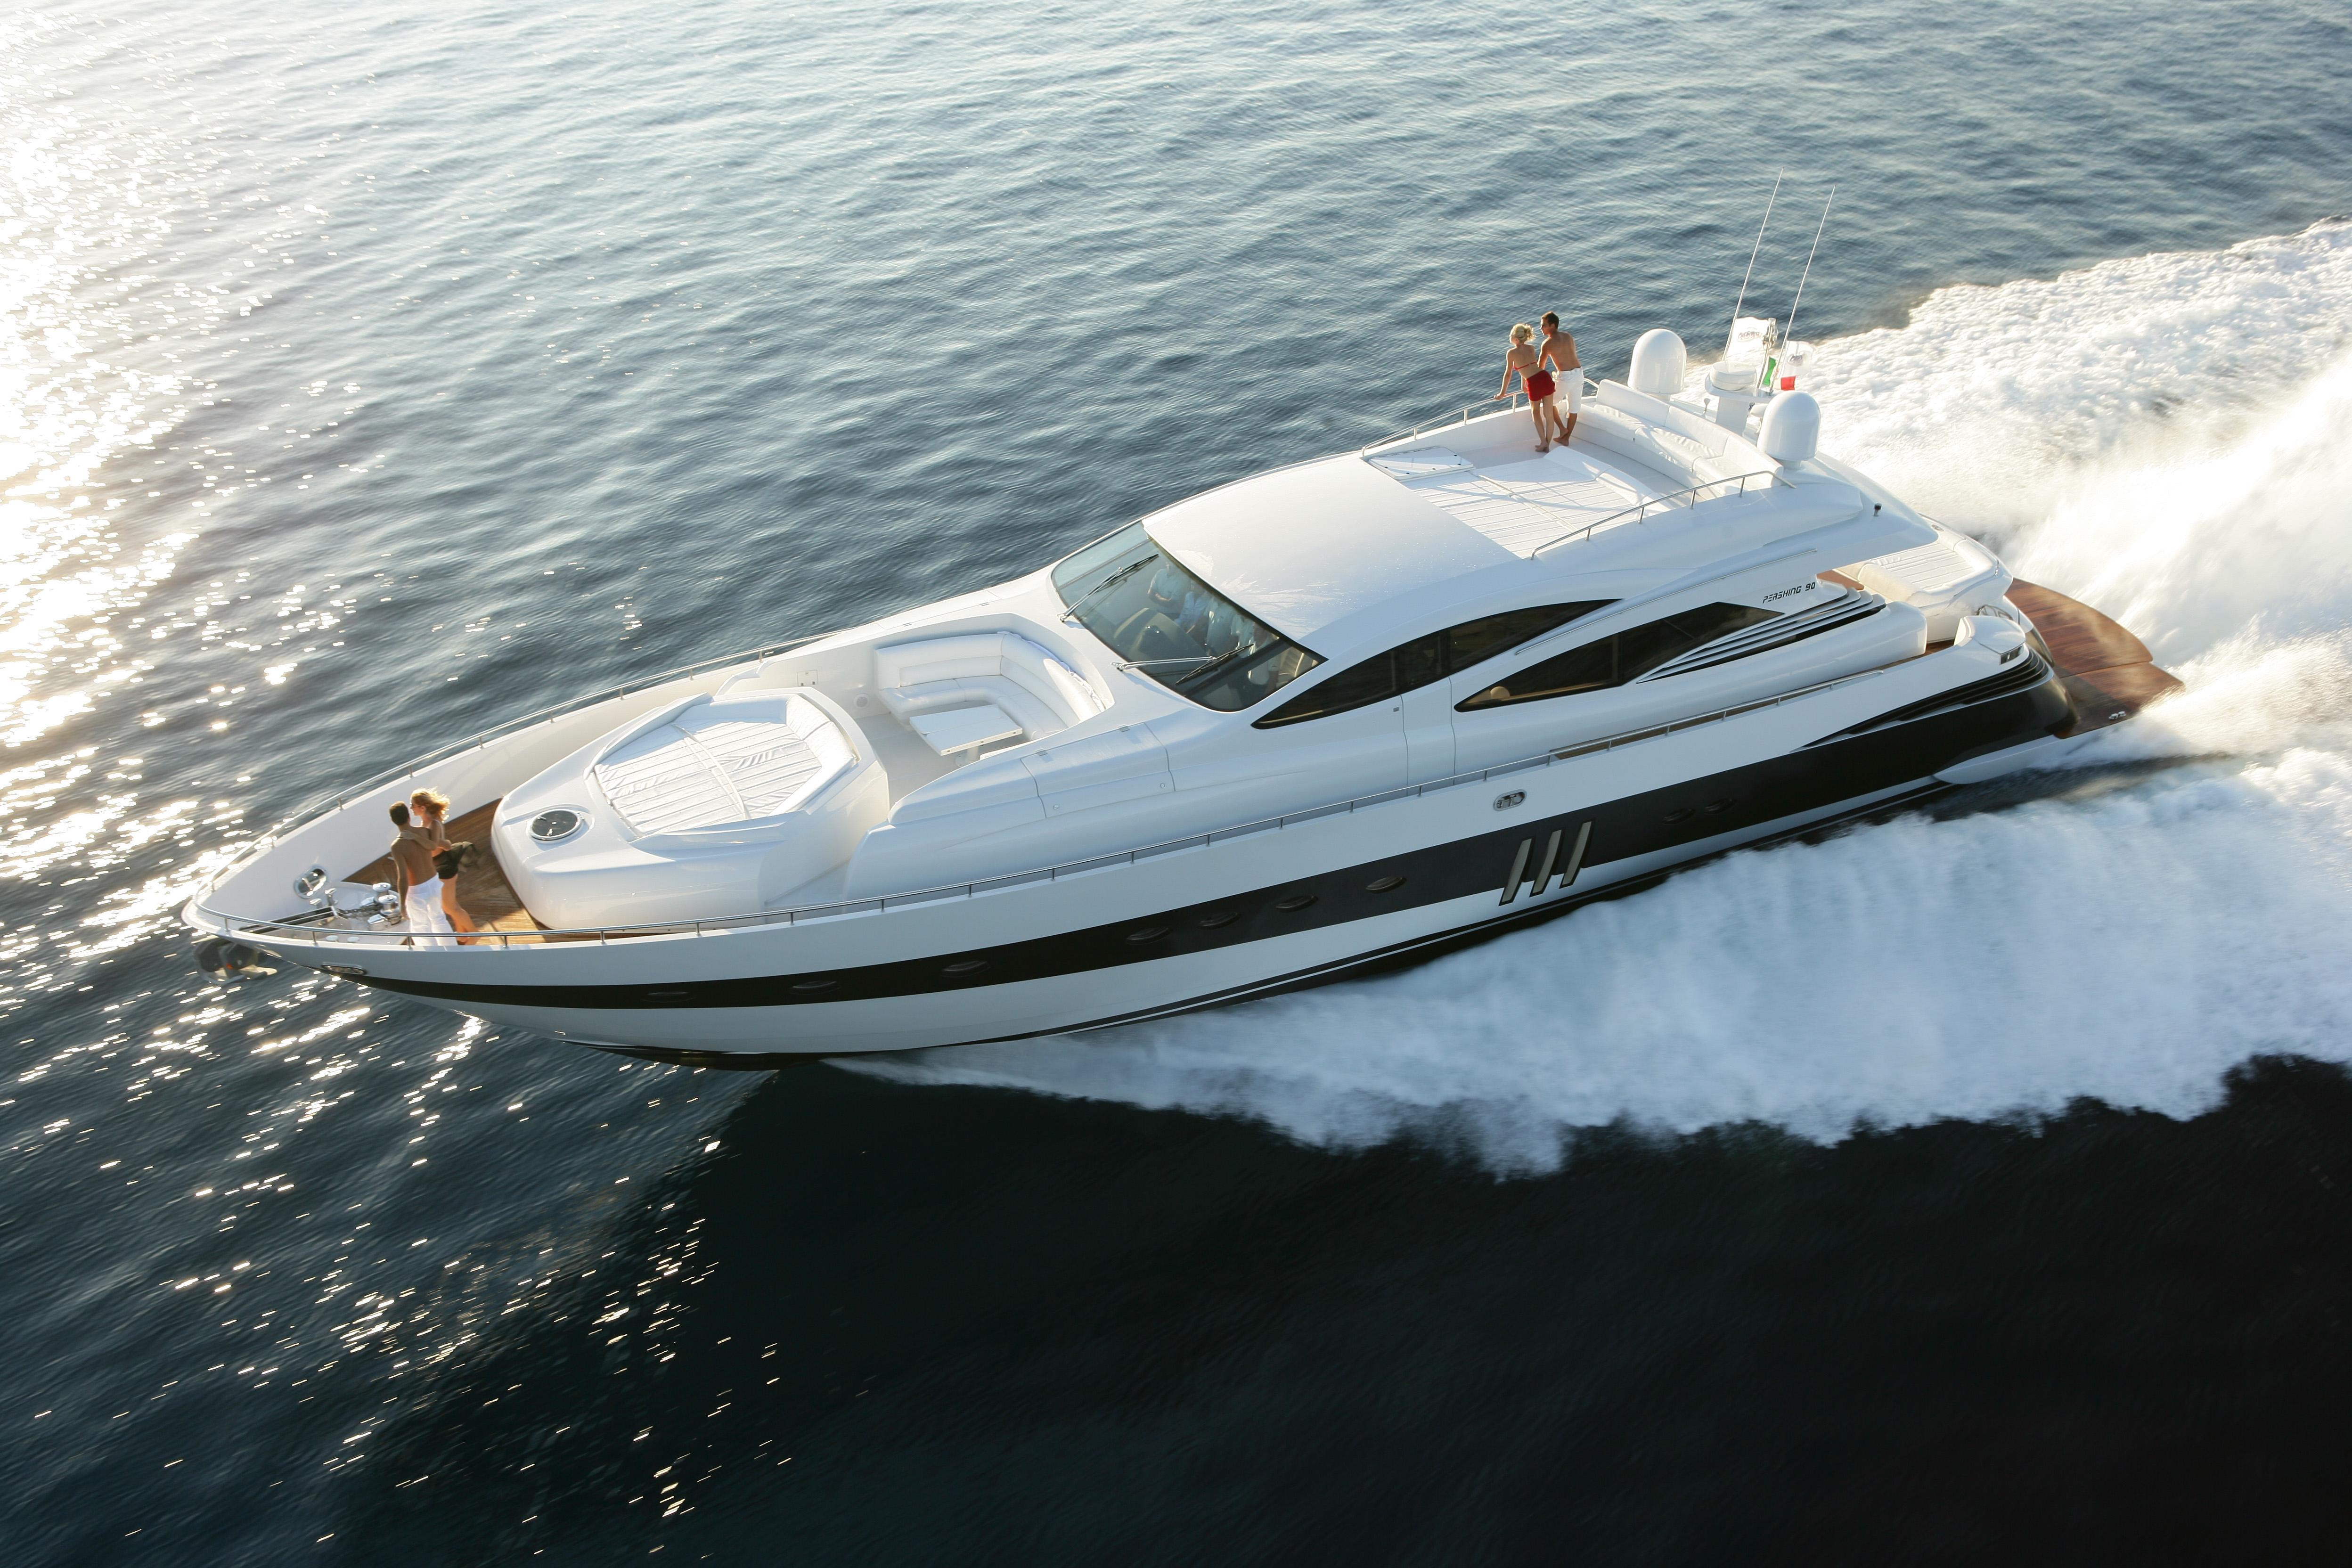 File:Yacht Pershing 90.jpg